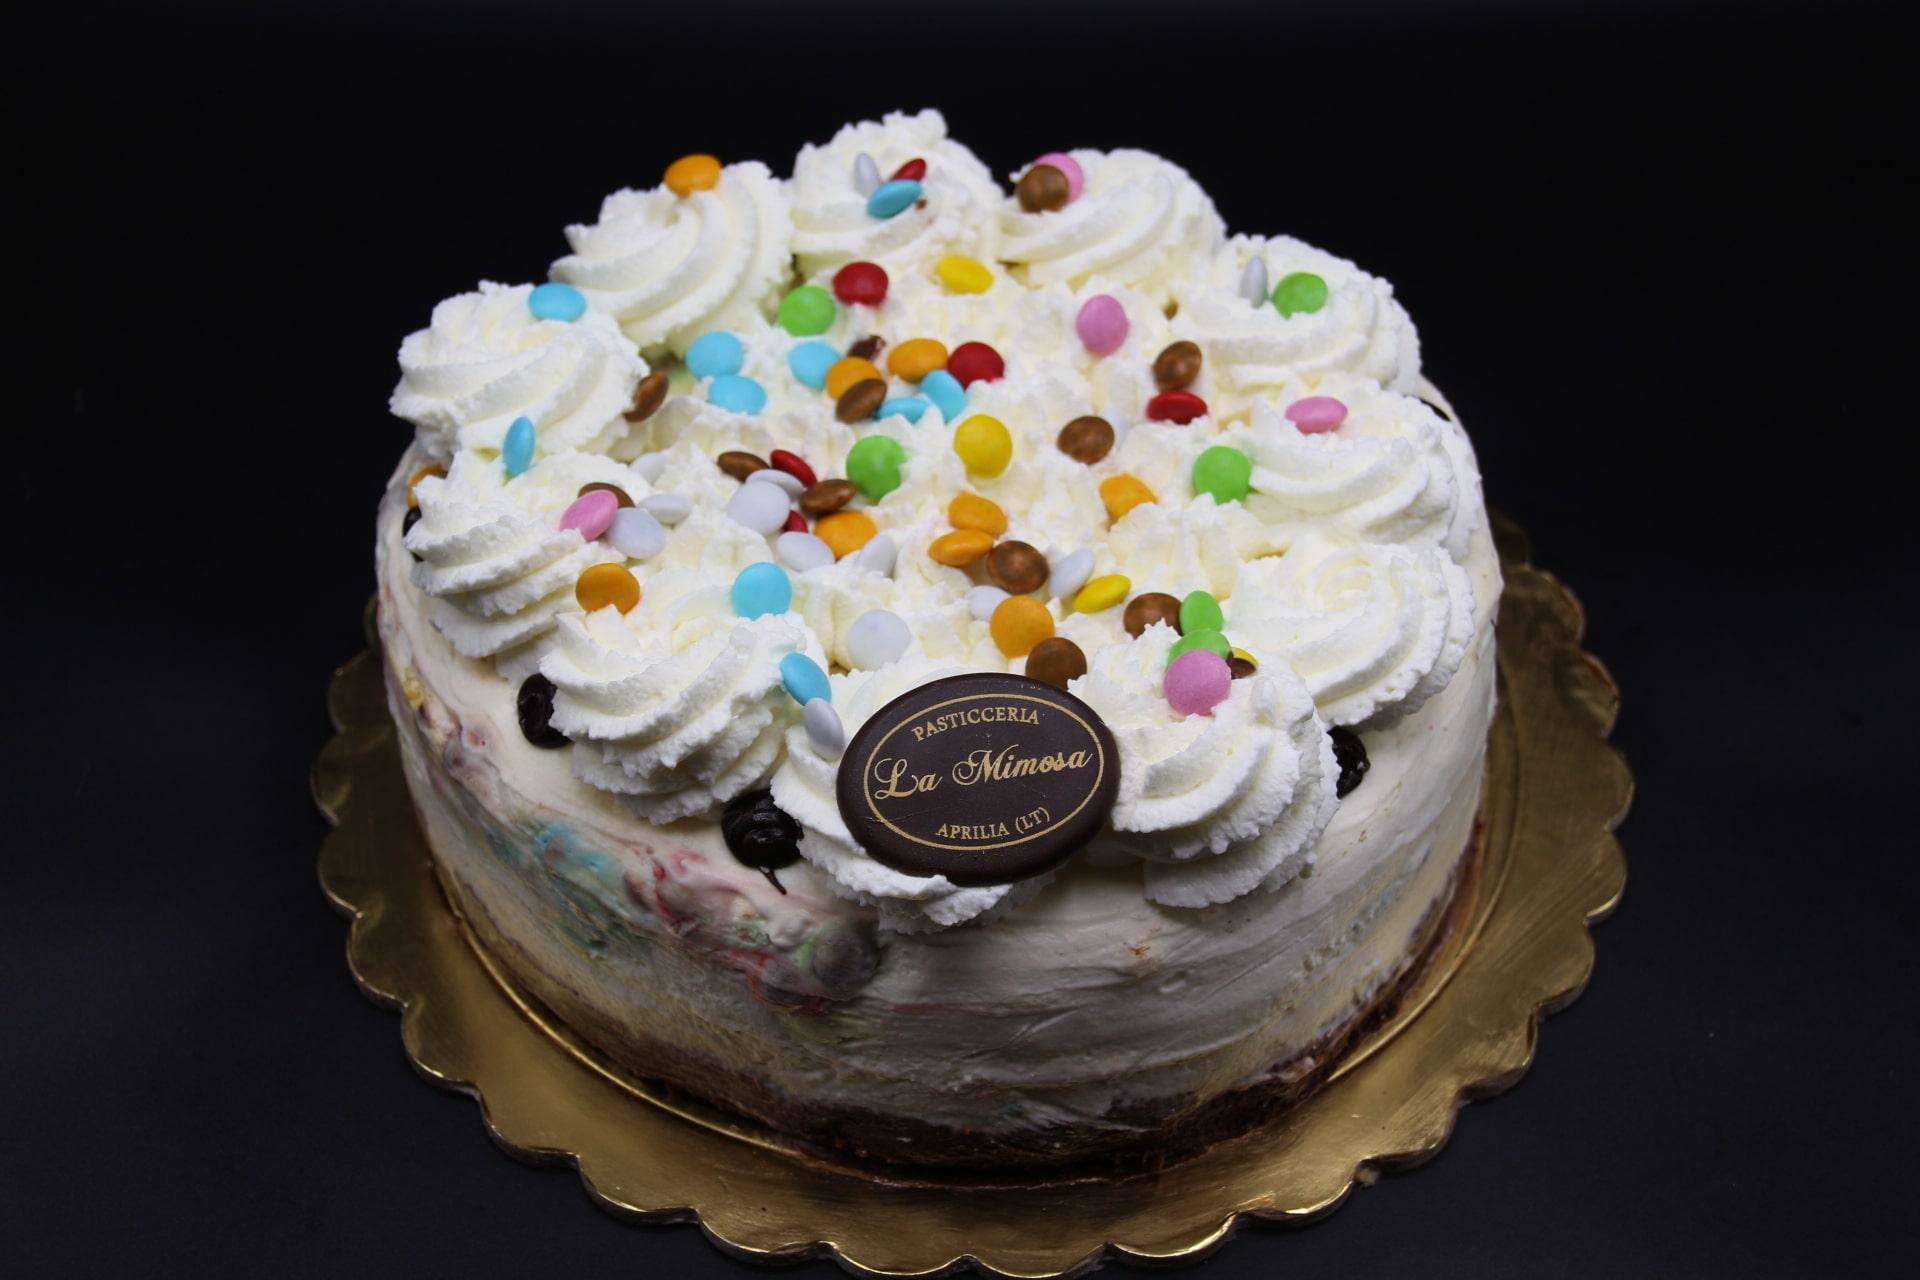 Cheesecake m&m's